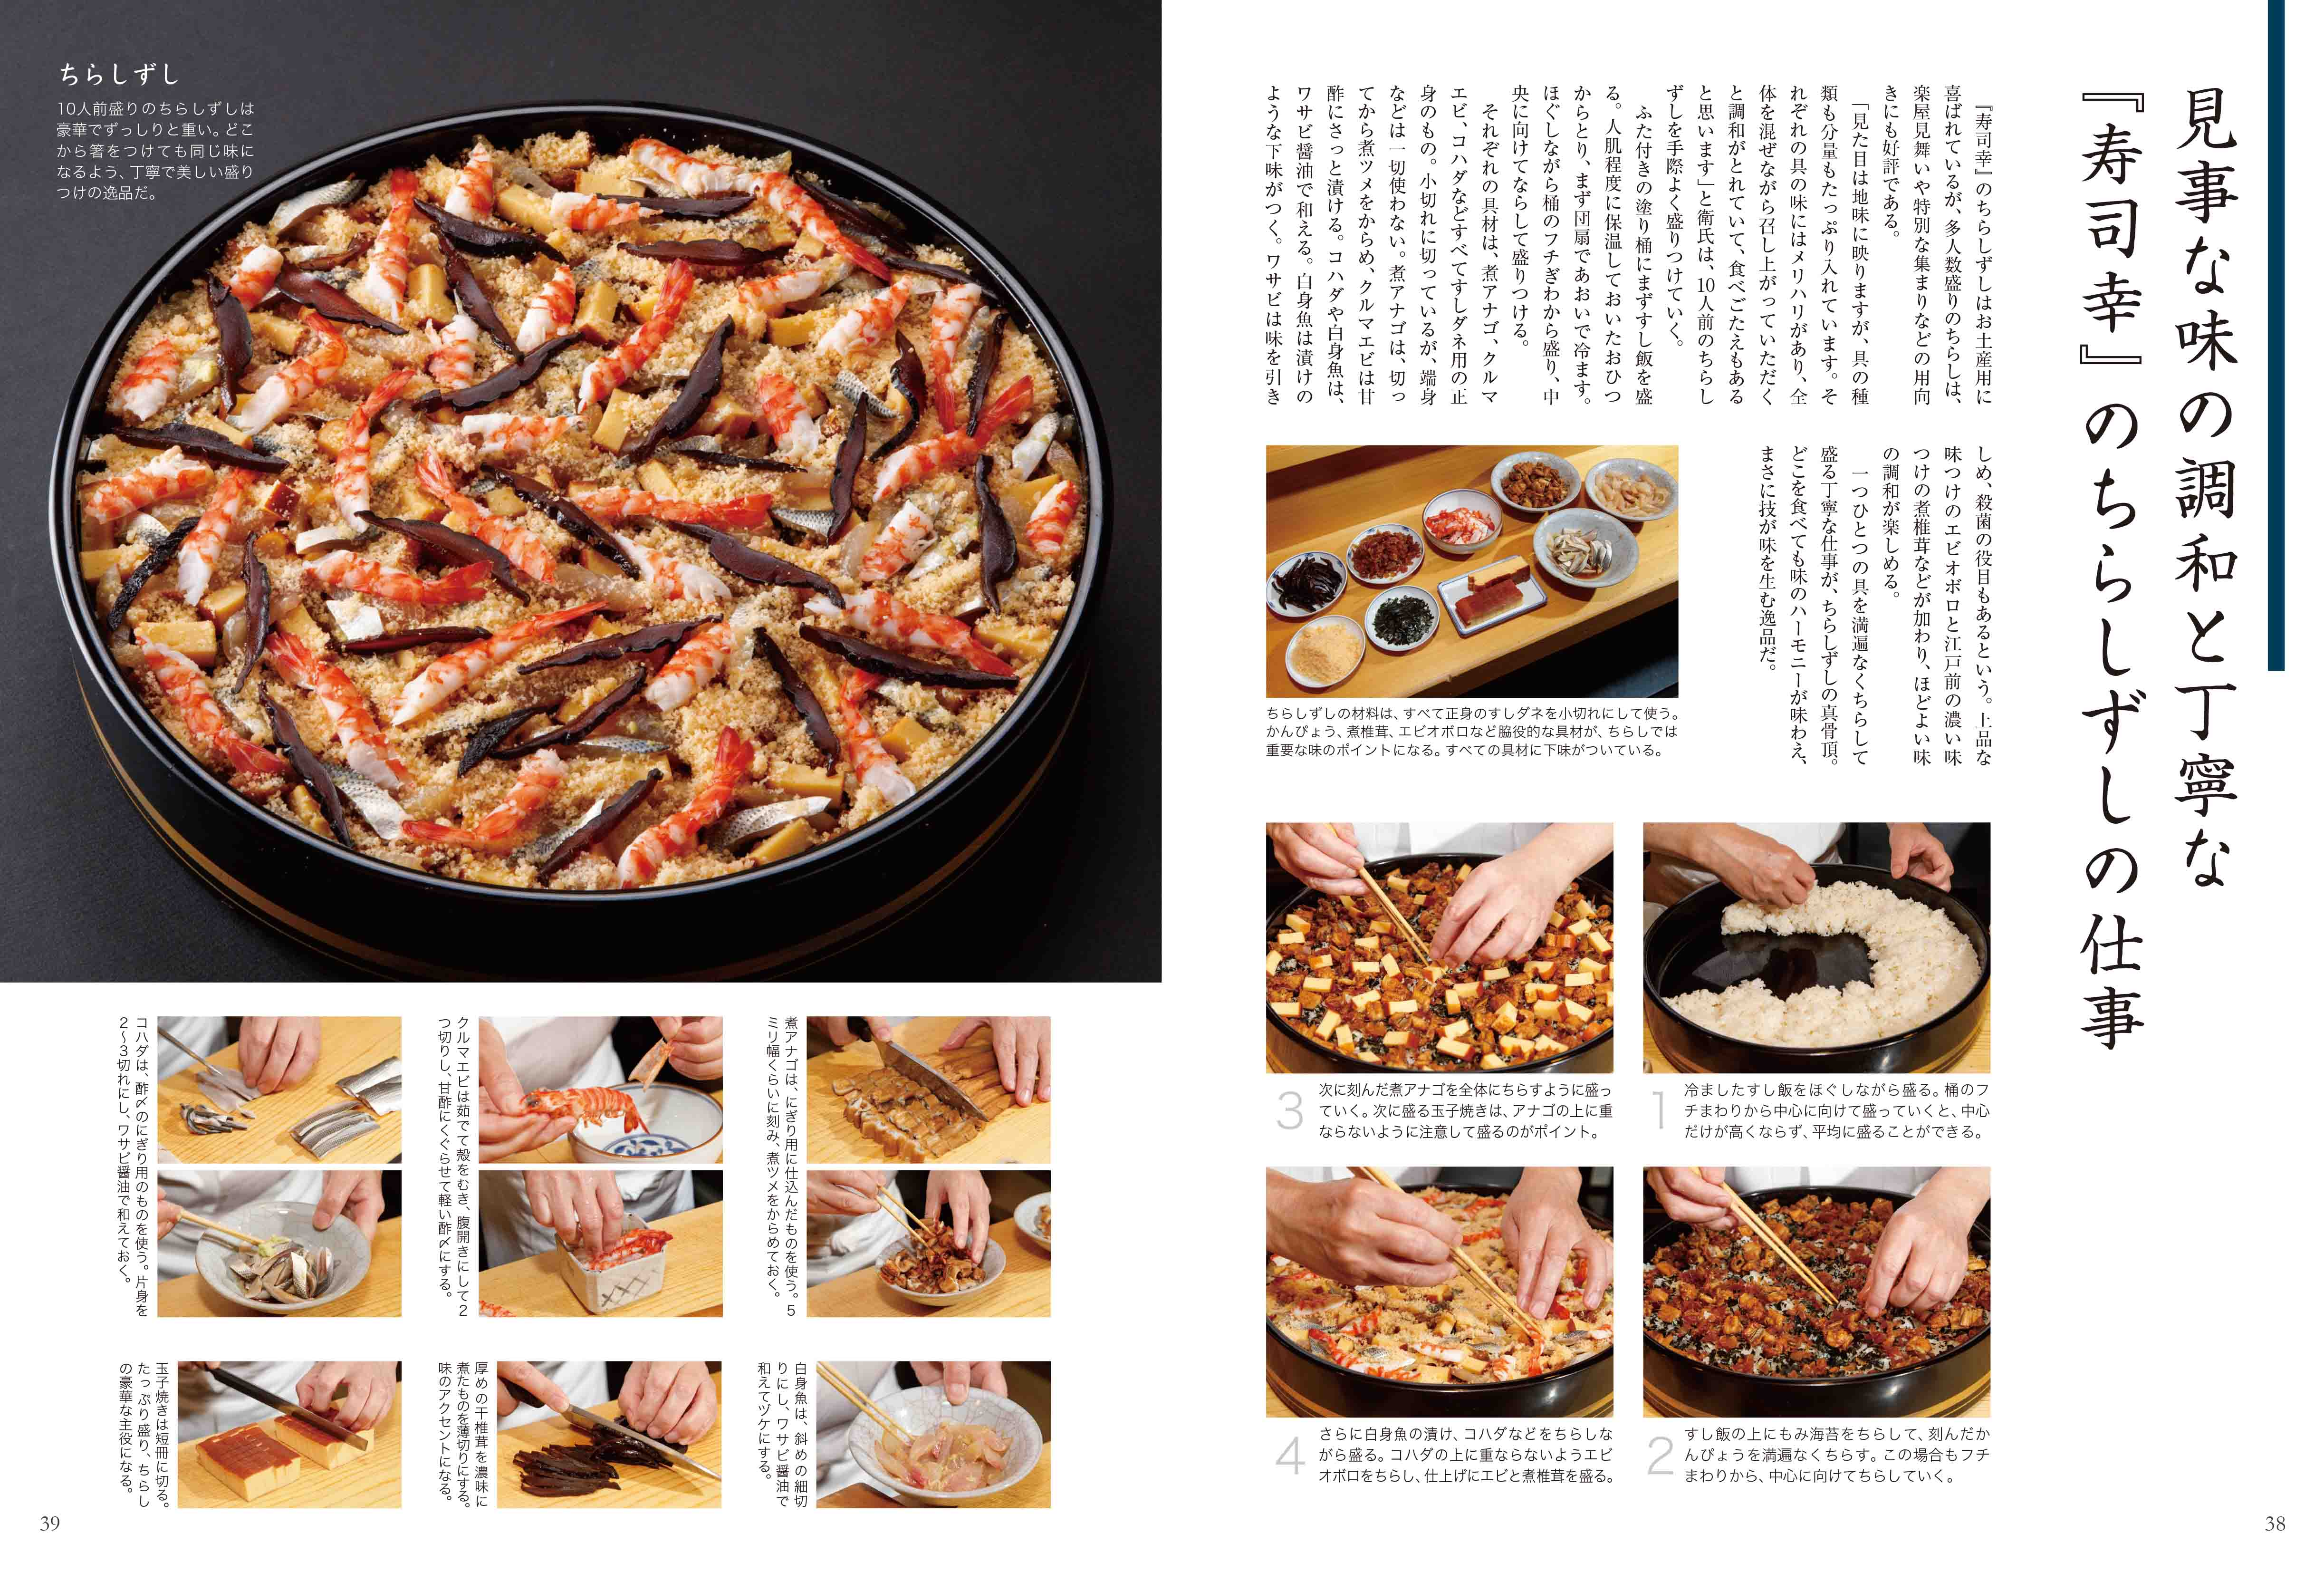 P033_041_Sushi17_meiten_180117.indd